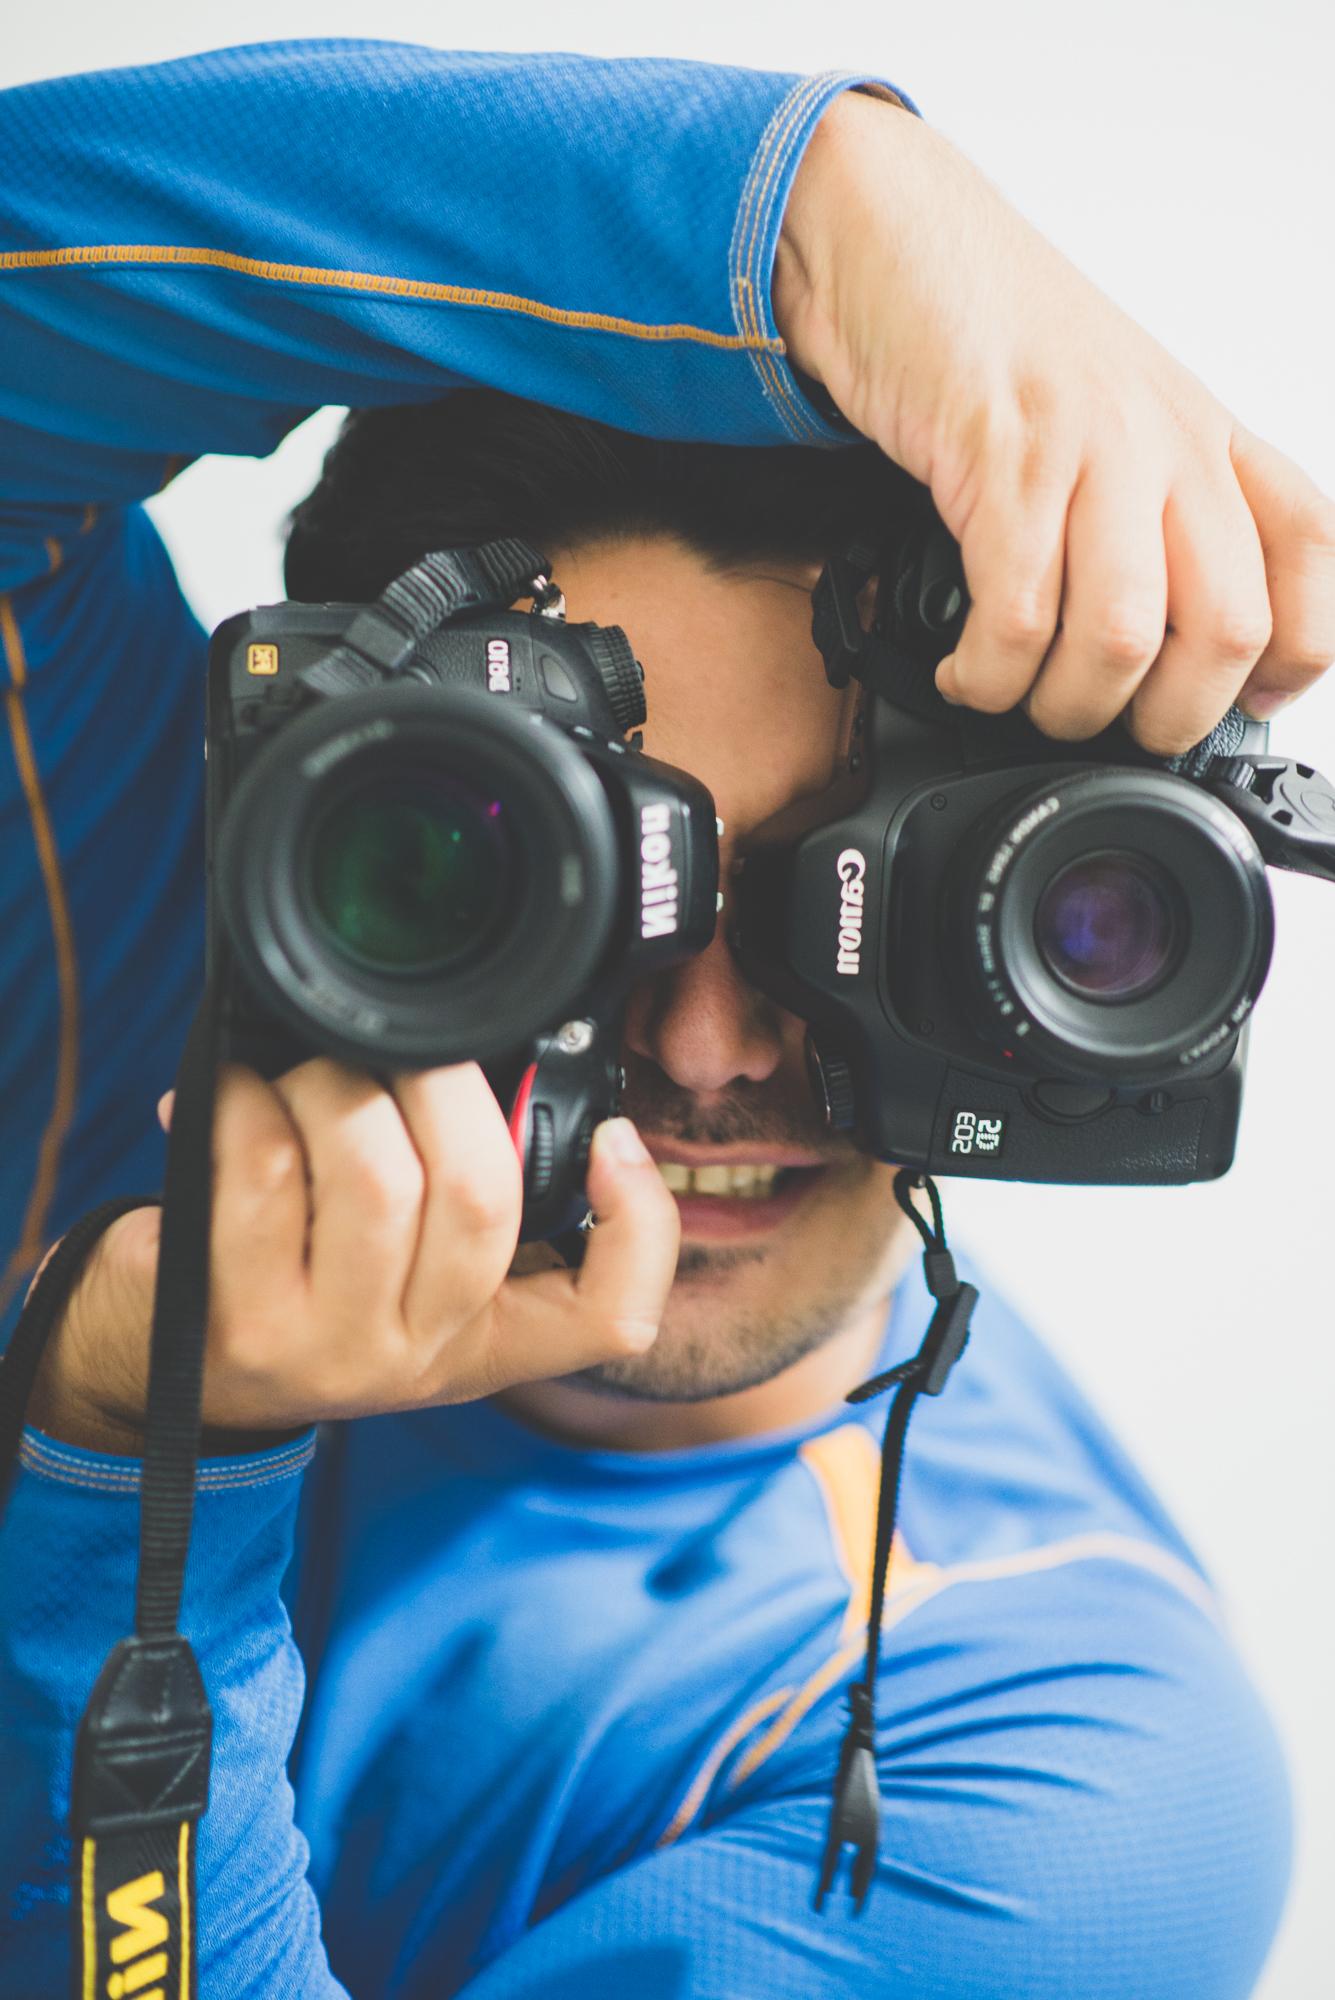 Contate Léo Xavier - Fotógrafo de família e casamentos - Recife - Pernambuco